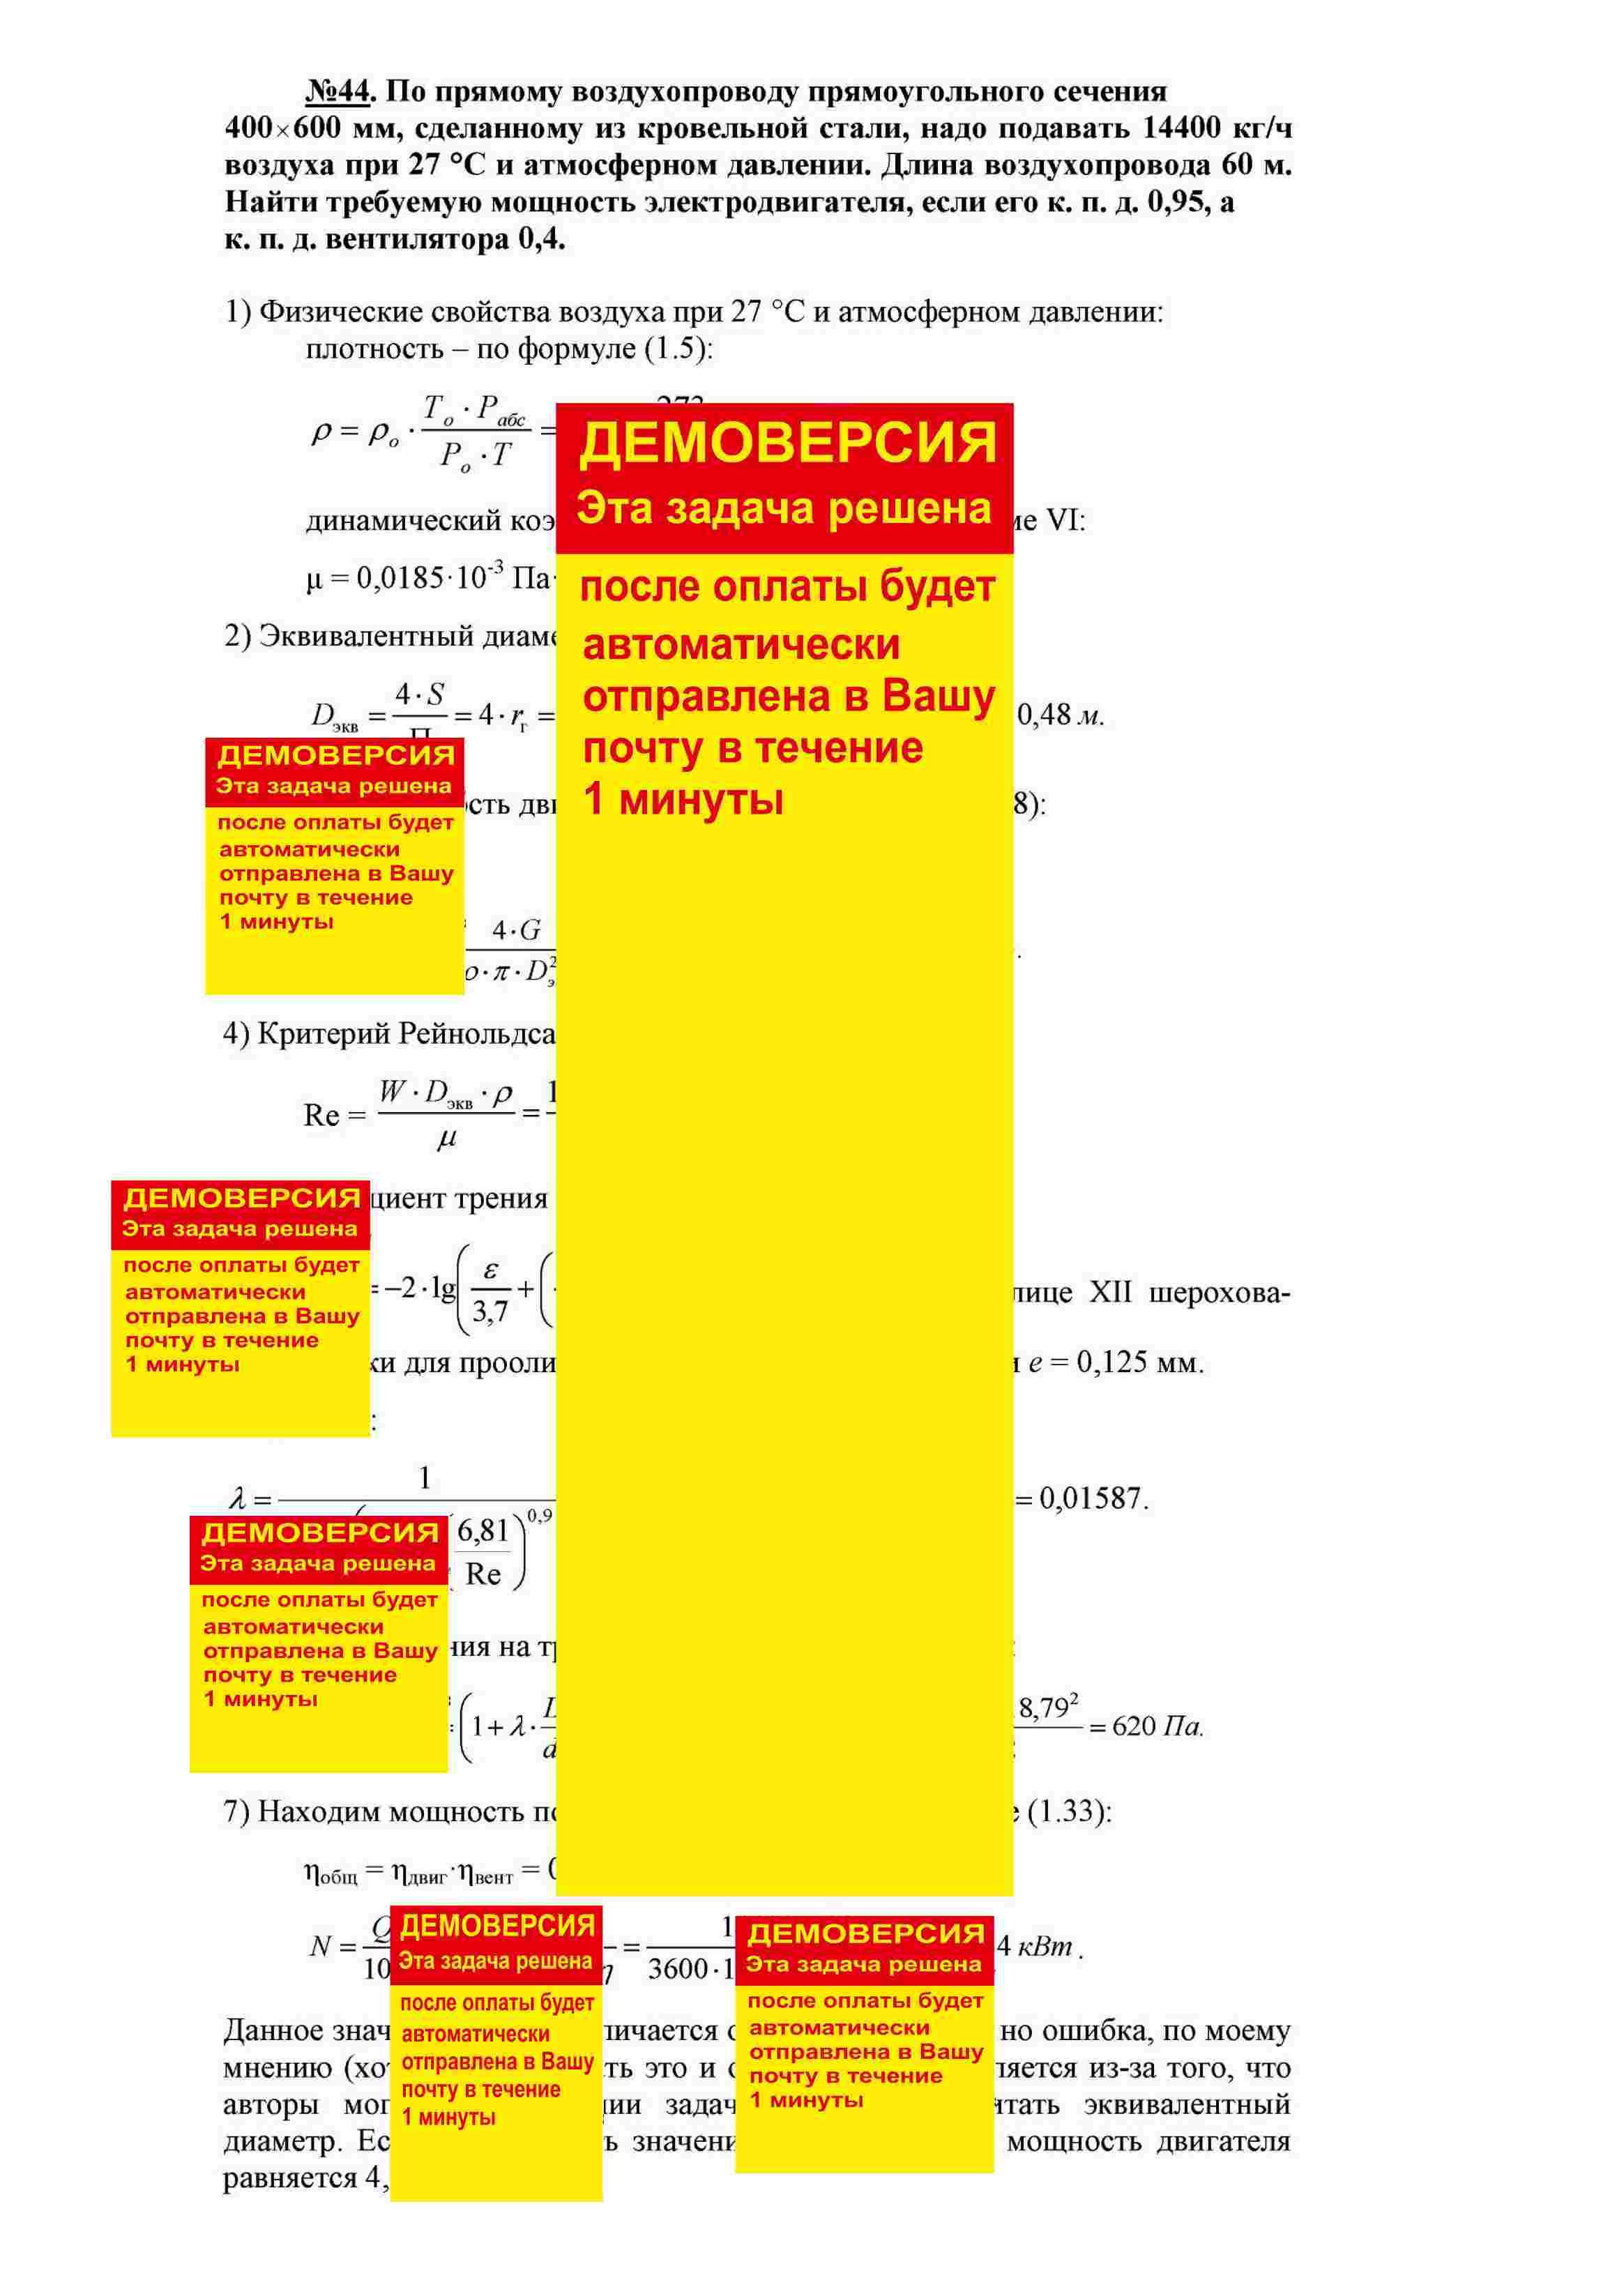 Решение задачи 1.44 по ПАХТ из задачника Павлова Романкова Носкова